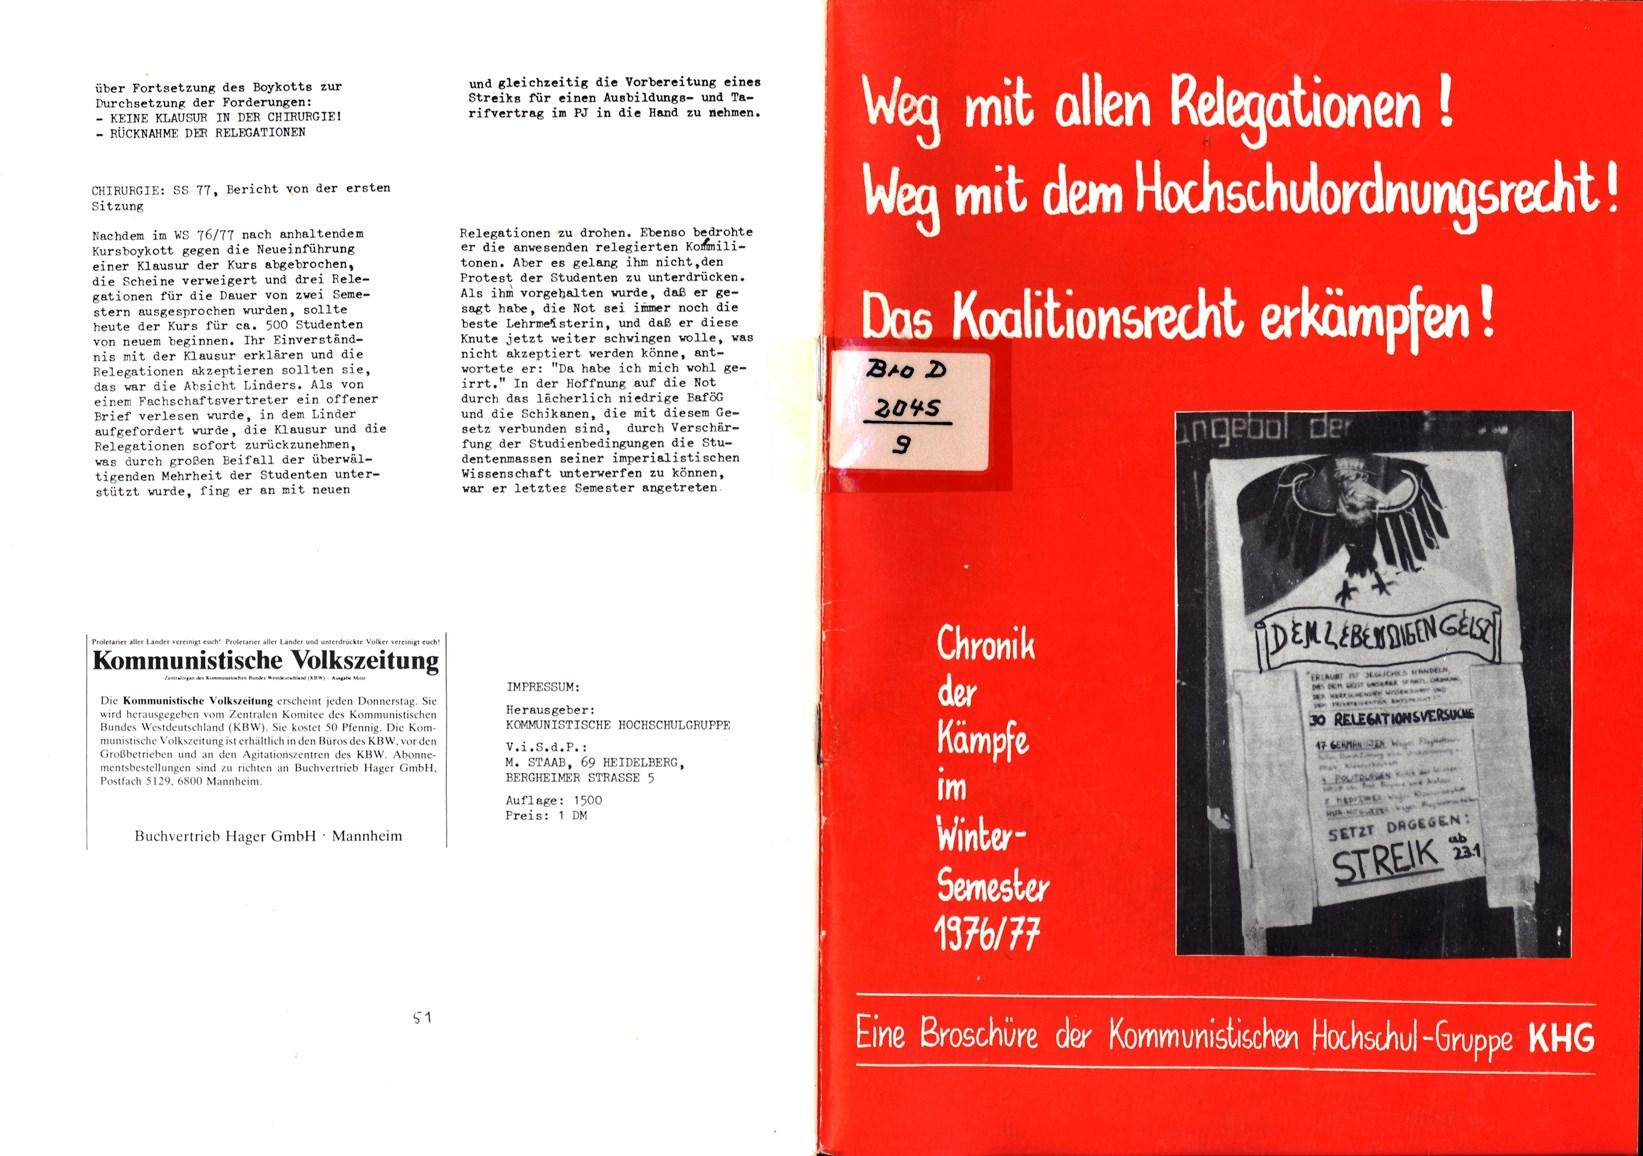 Heidelberg_KHG_1977_Chronik_WS_1976_77_01